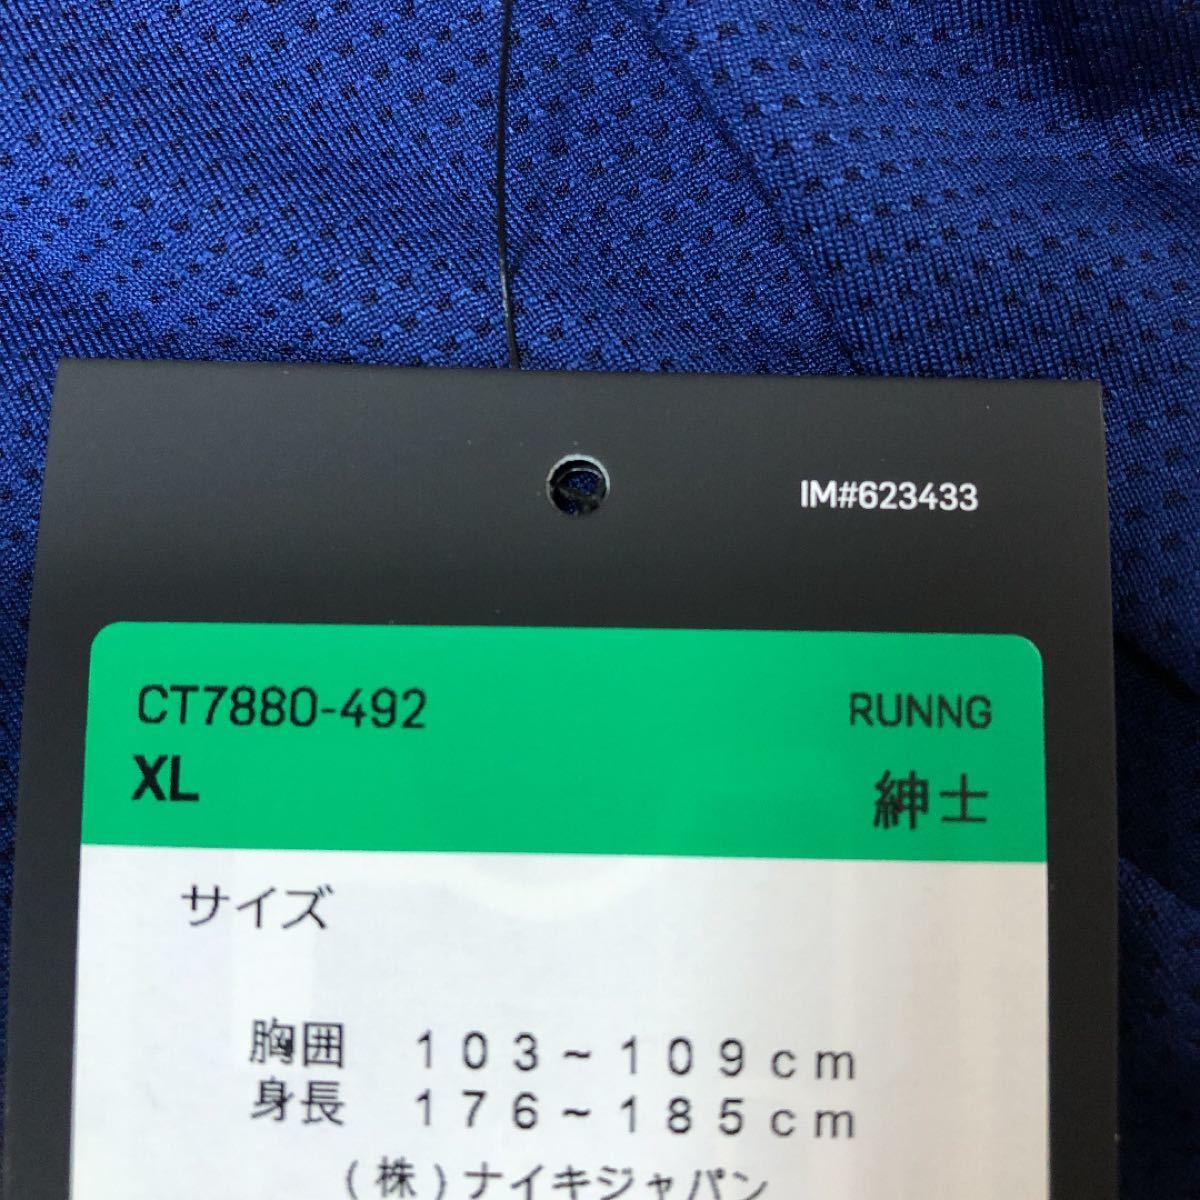 ナイキ XLサイズ マイラー ランニング シャツ ノースリーブ 風車ロゴ ブルー